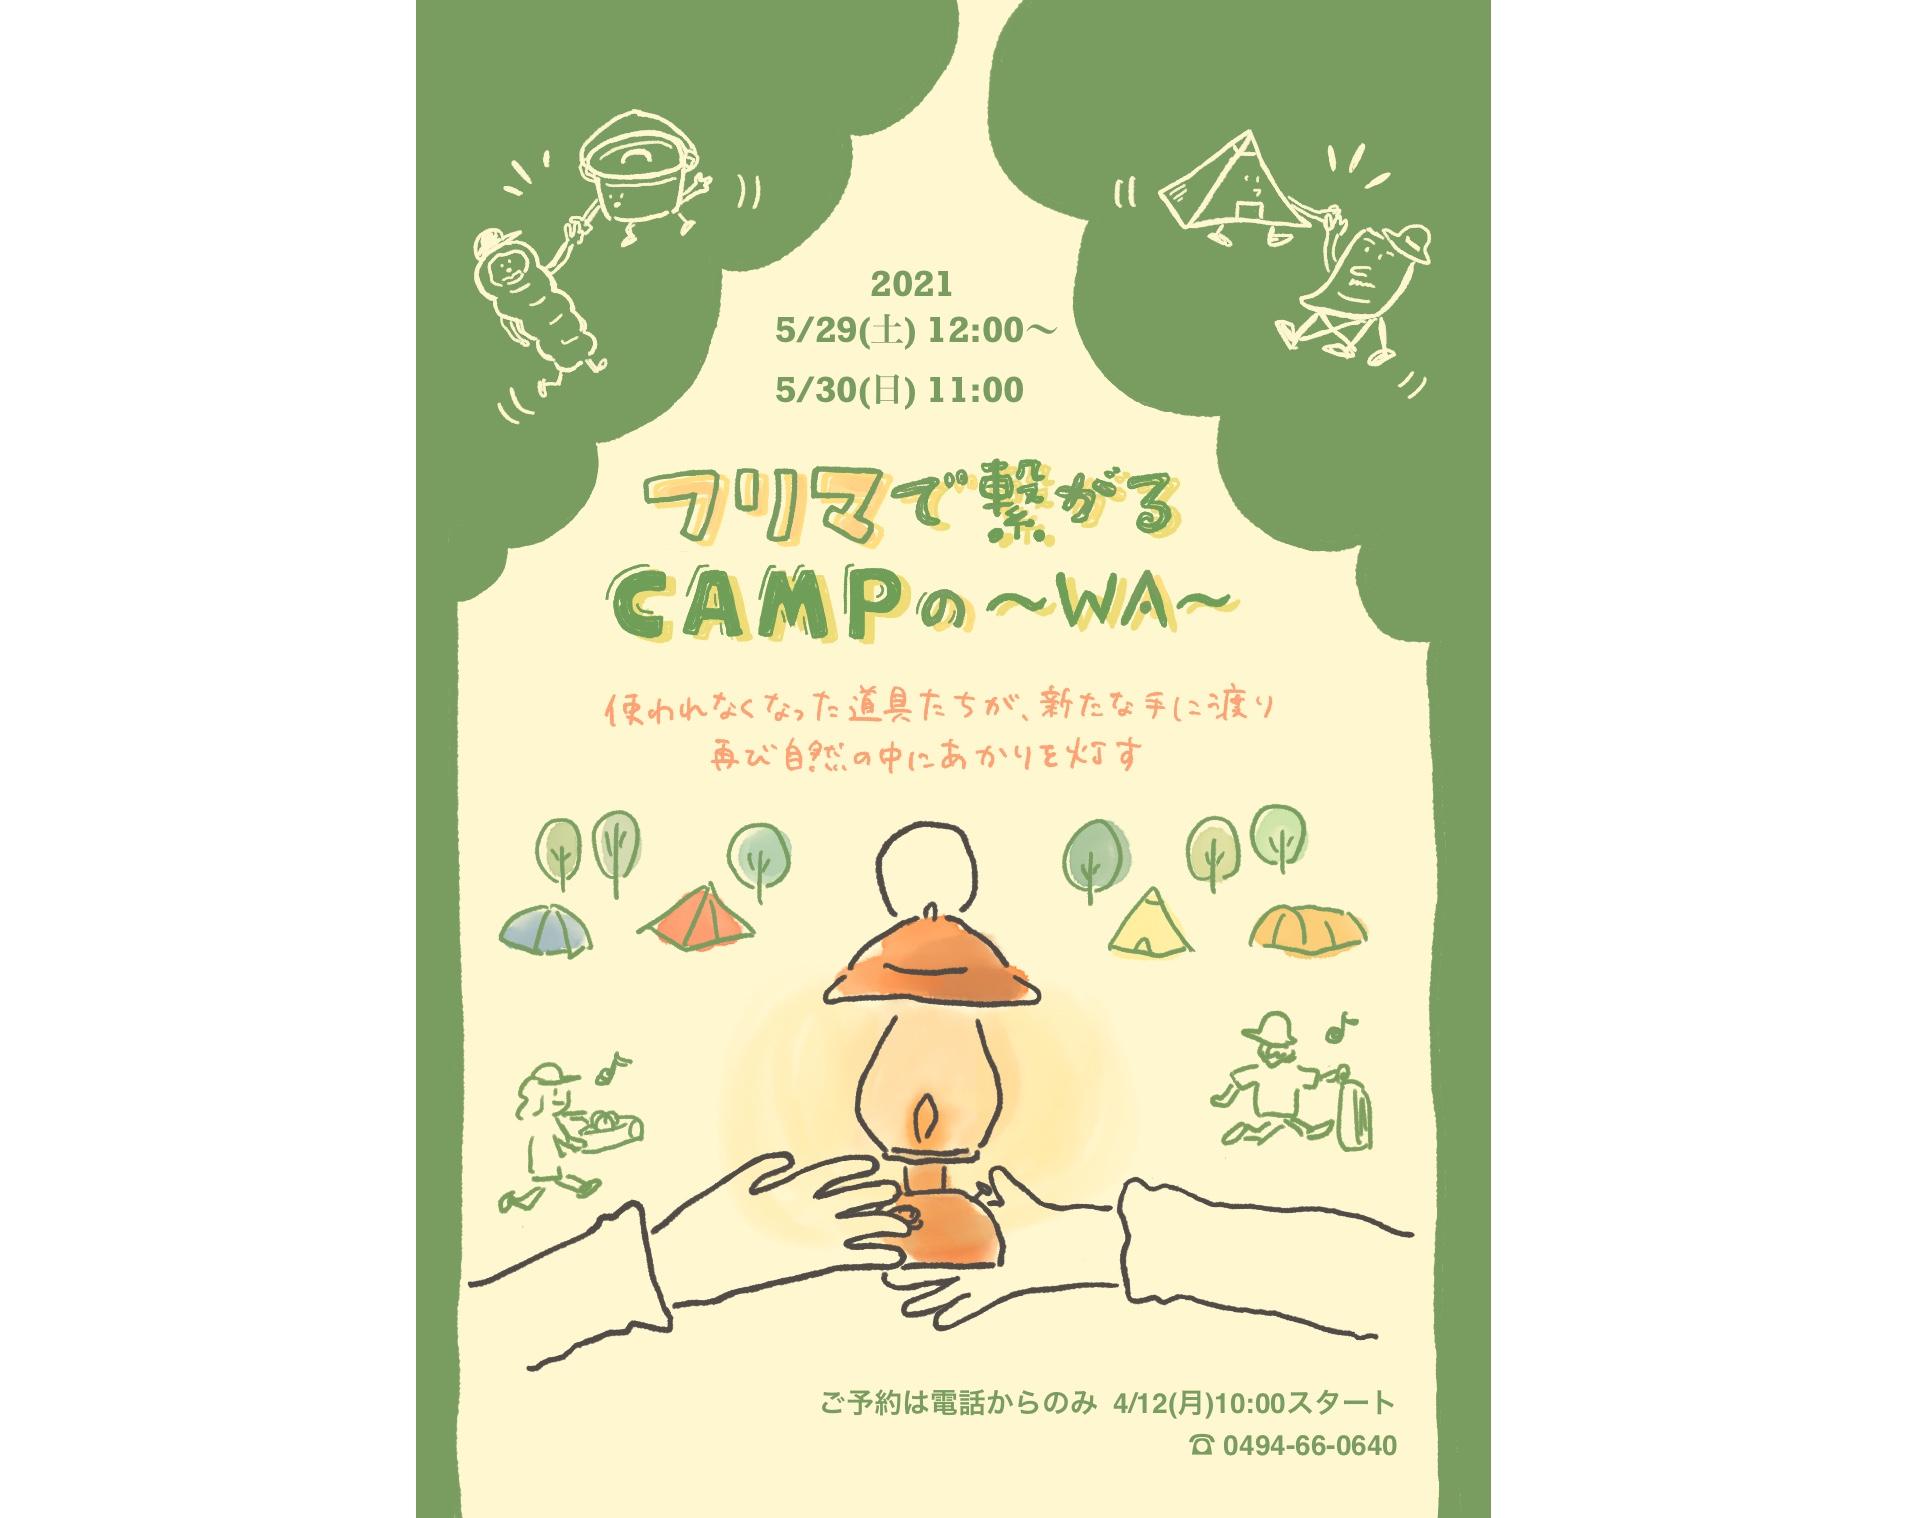 長瀞オートキャンプ「フリマキャンプ2021」告知用イラストレーション